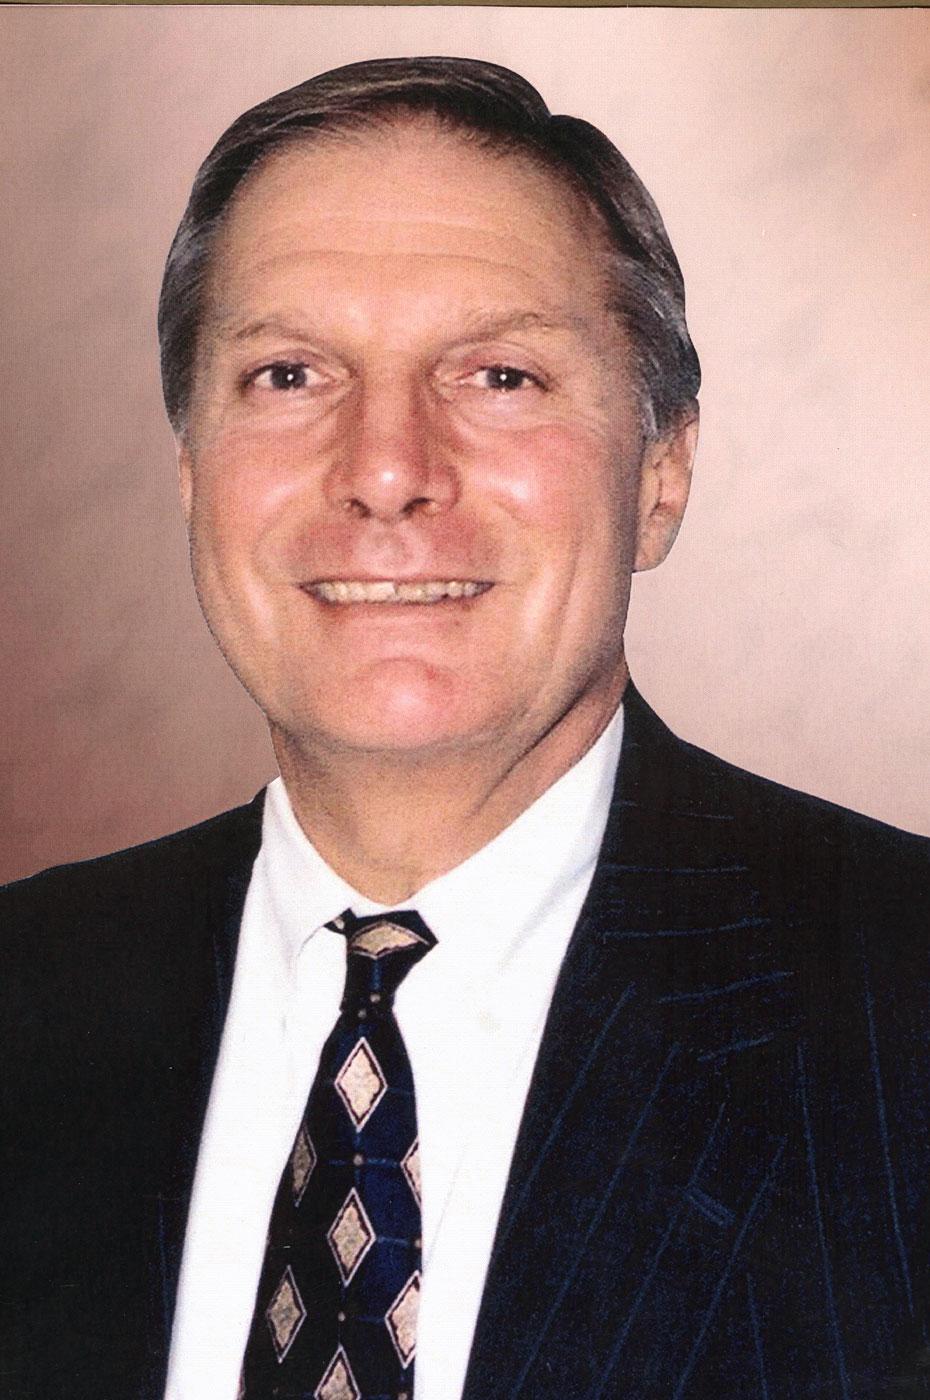 William H. Haverland